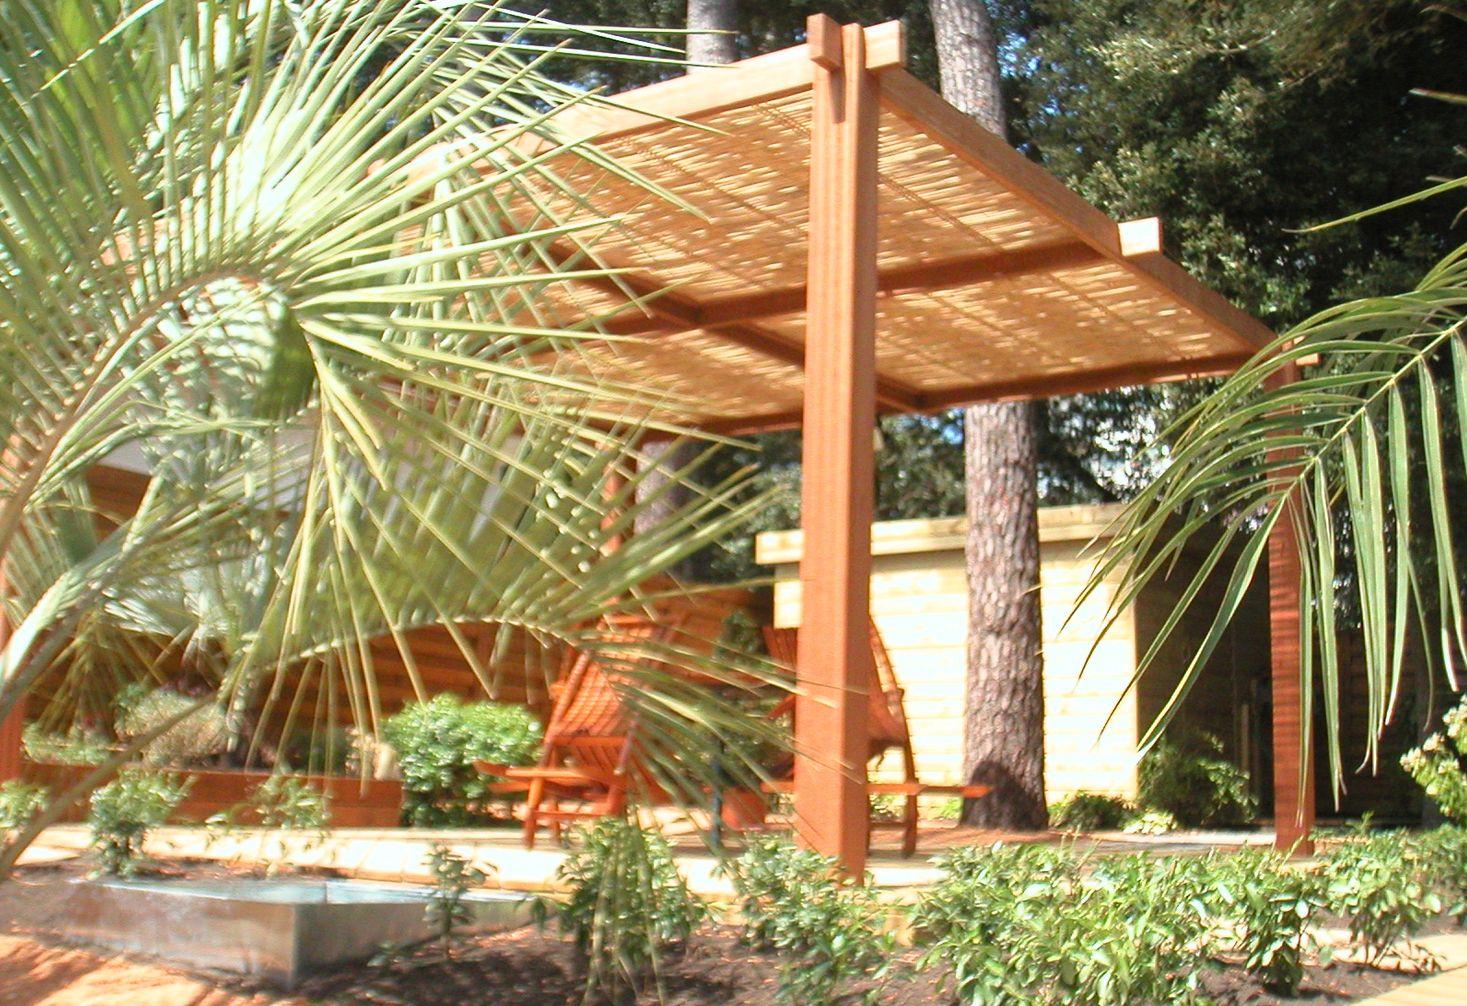 Pergola Design Bois Et Bambou | Pergola, Jardin Contemporain intérieur Abri Jardin Bambou